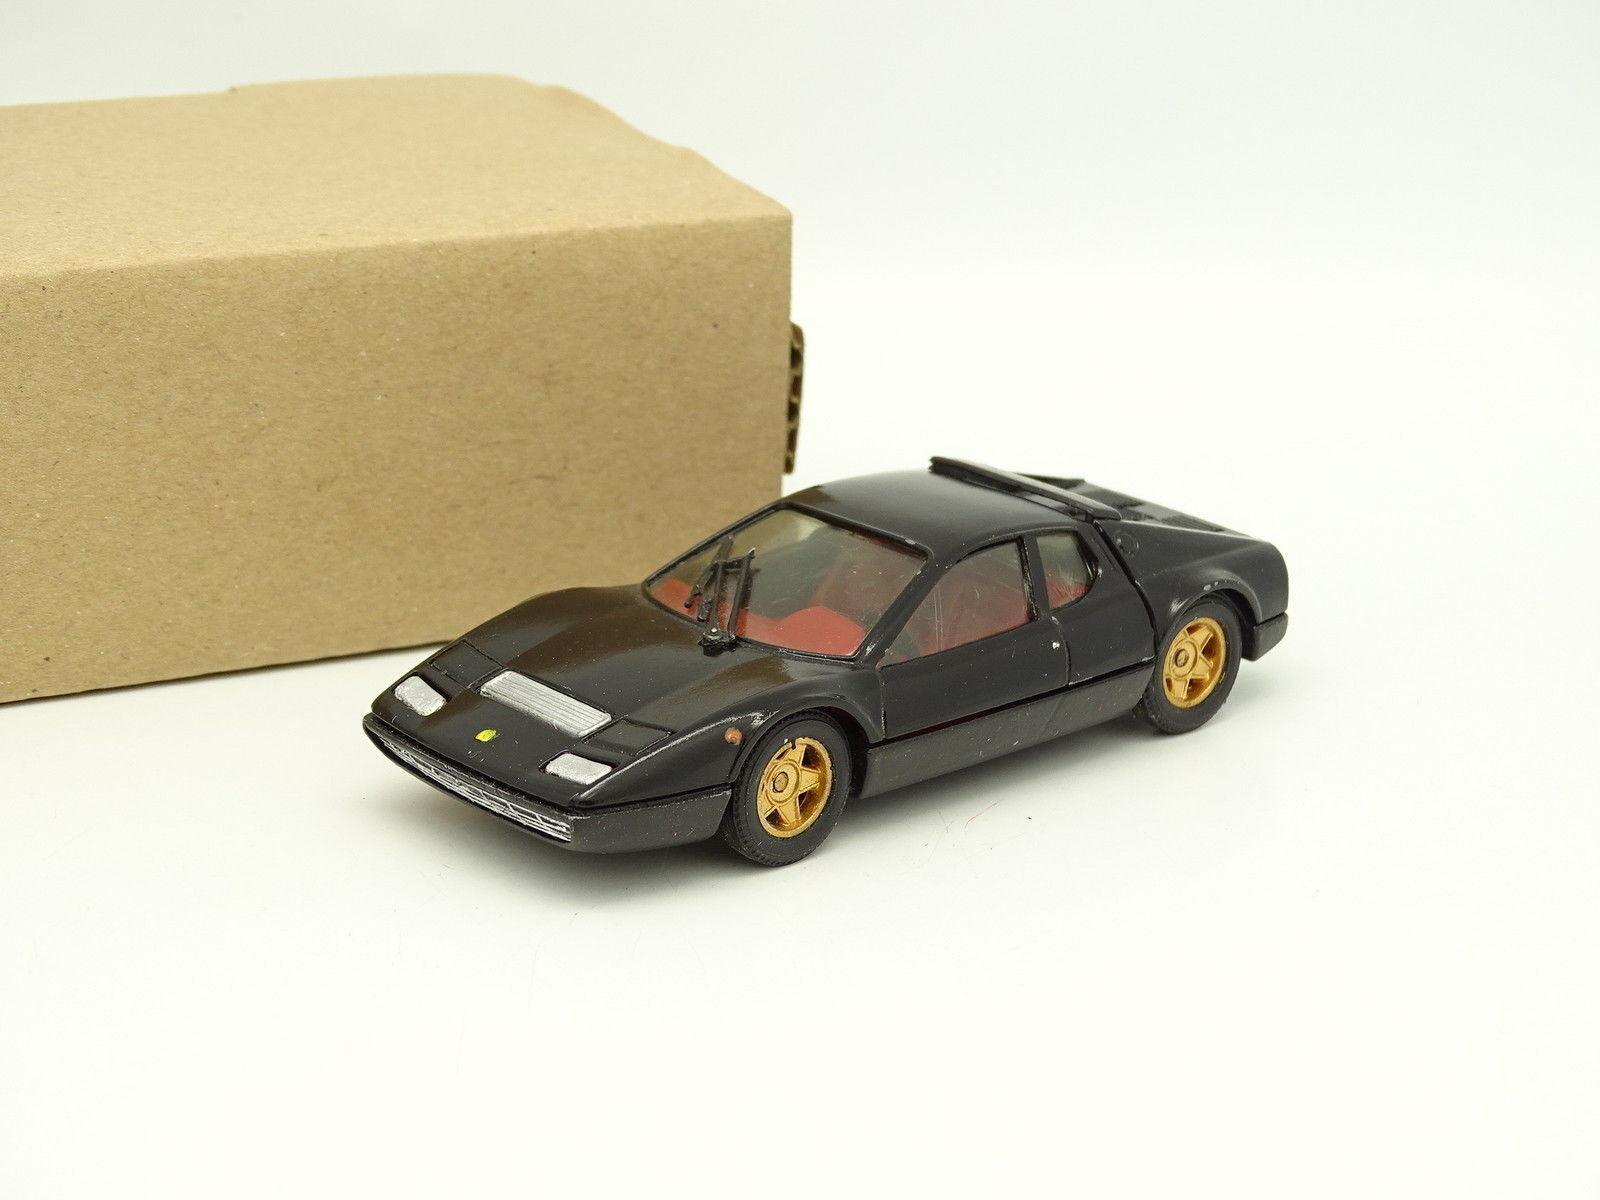 Solido + Transkit SB 1 43 - - - Ferrari 512 BB black 666248